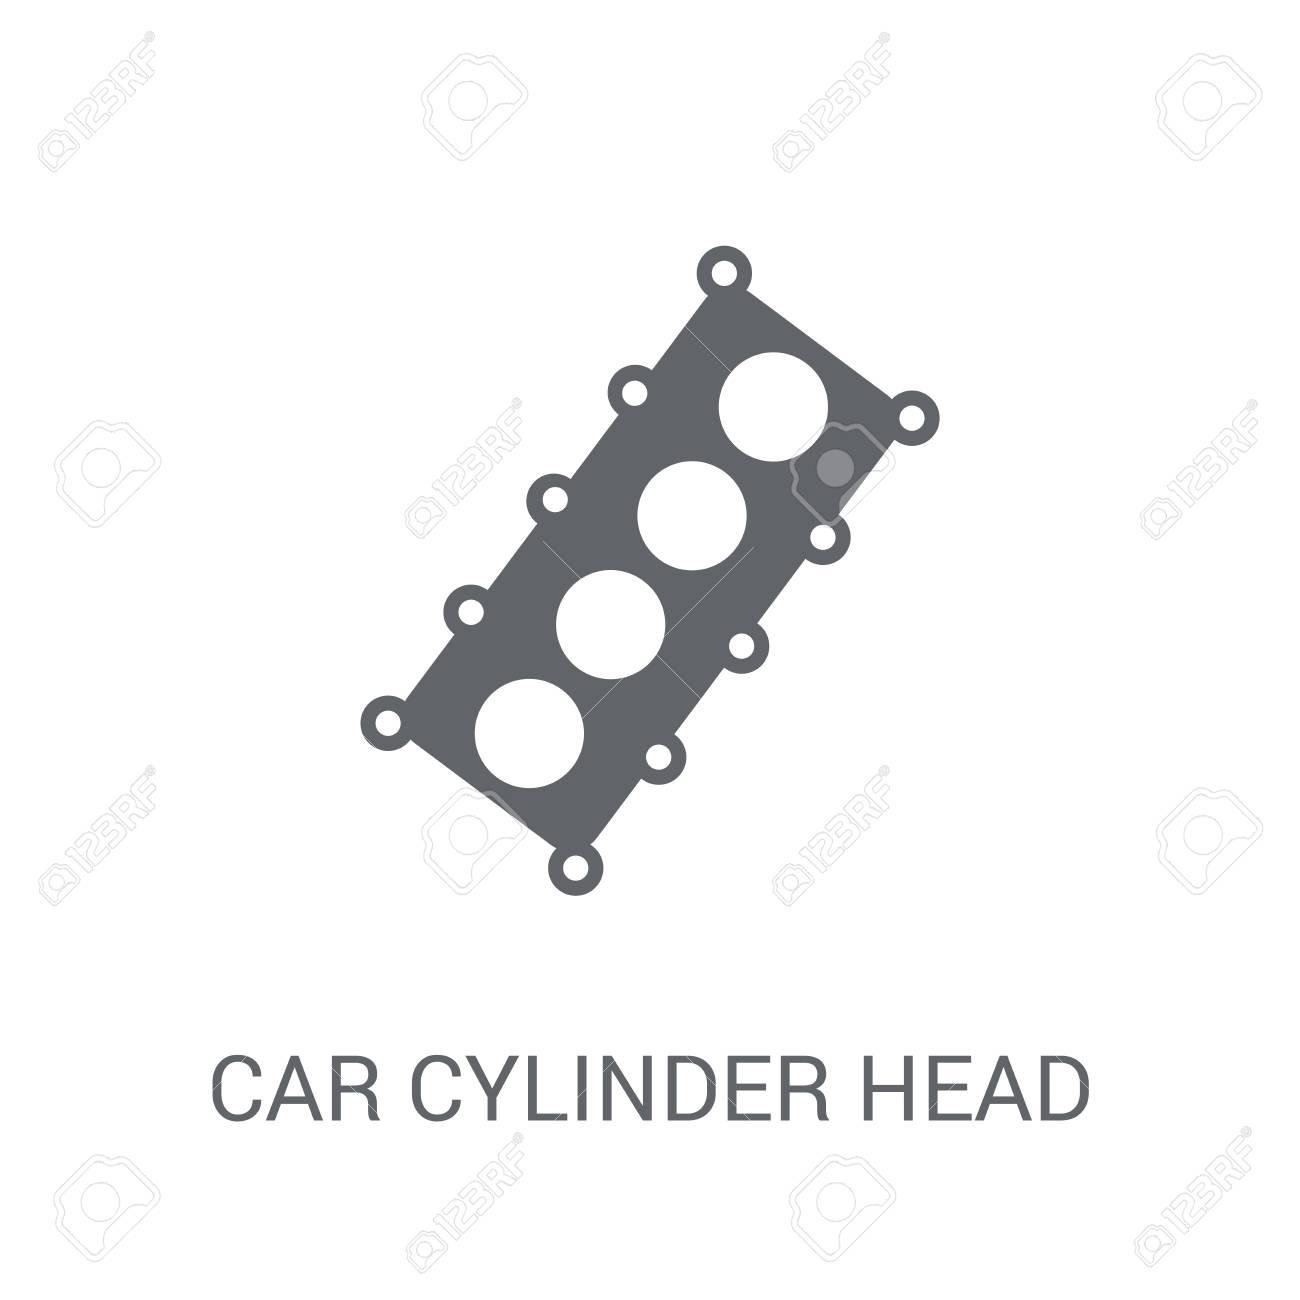 Car Cylinder Head Icon Trendy Car Cylinder Head Logo Concept